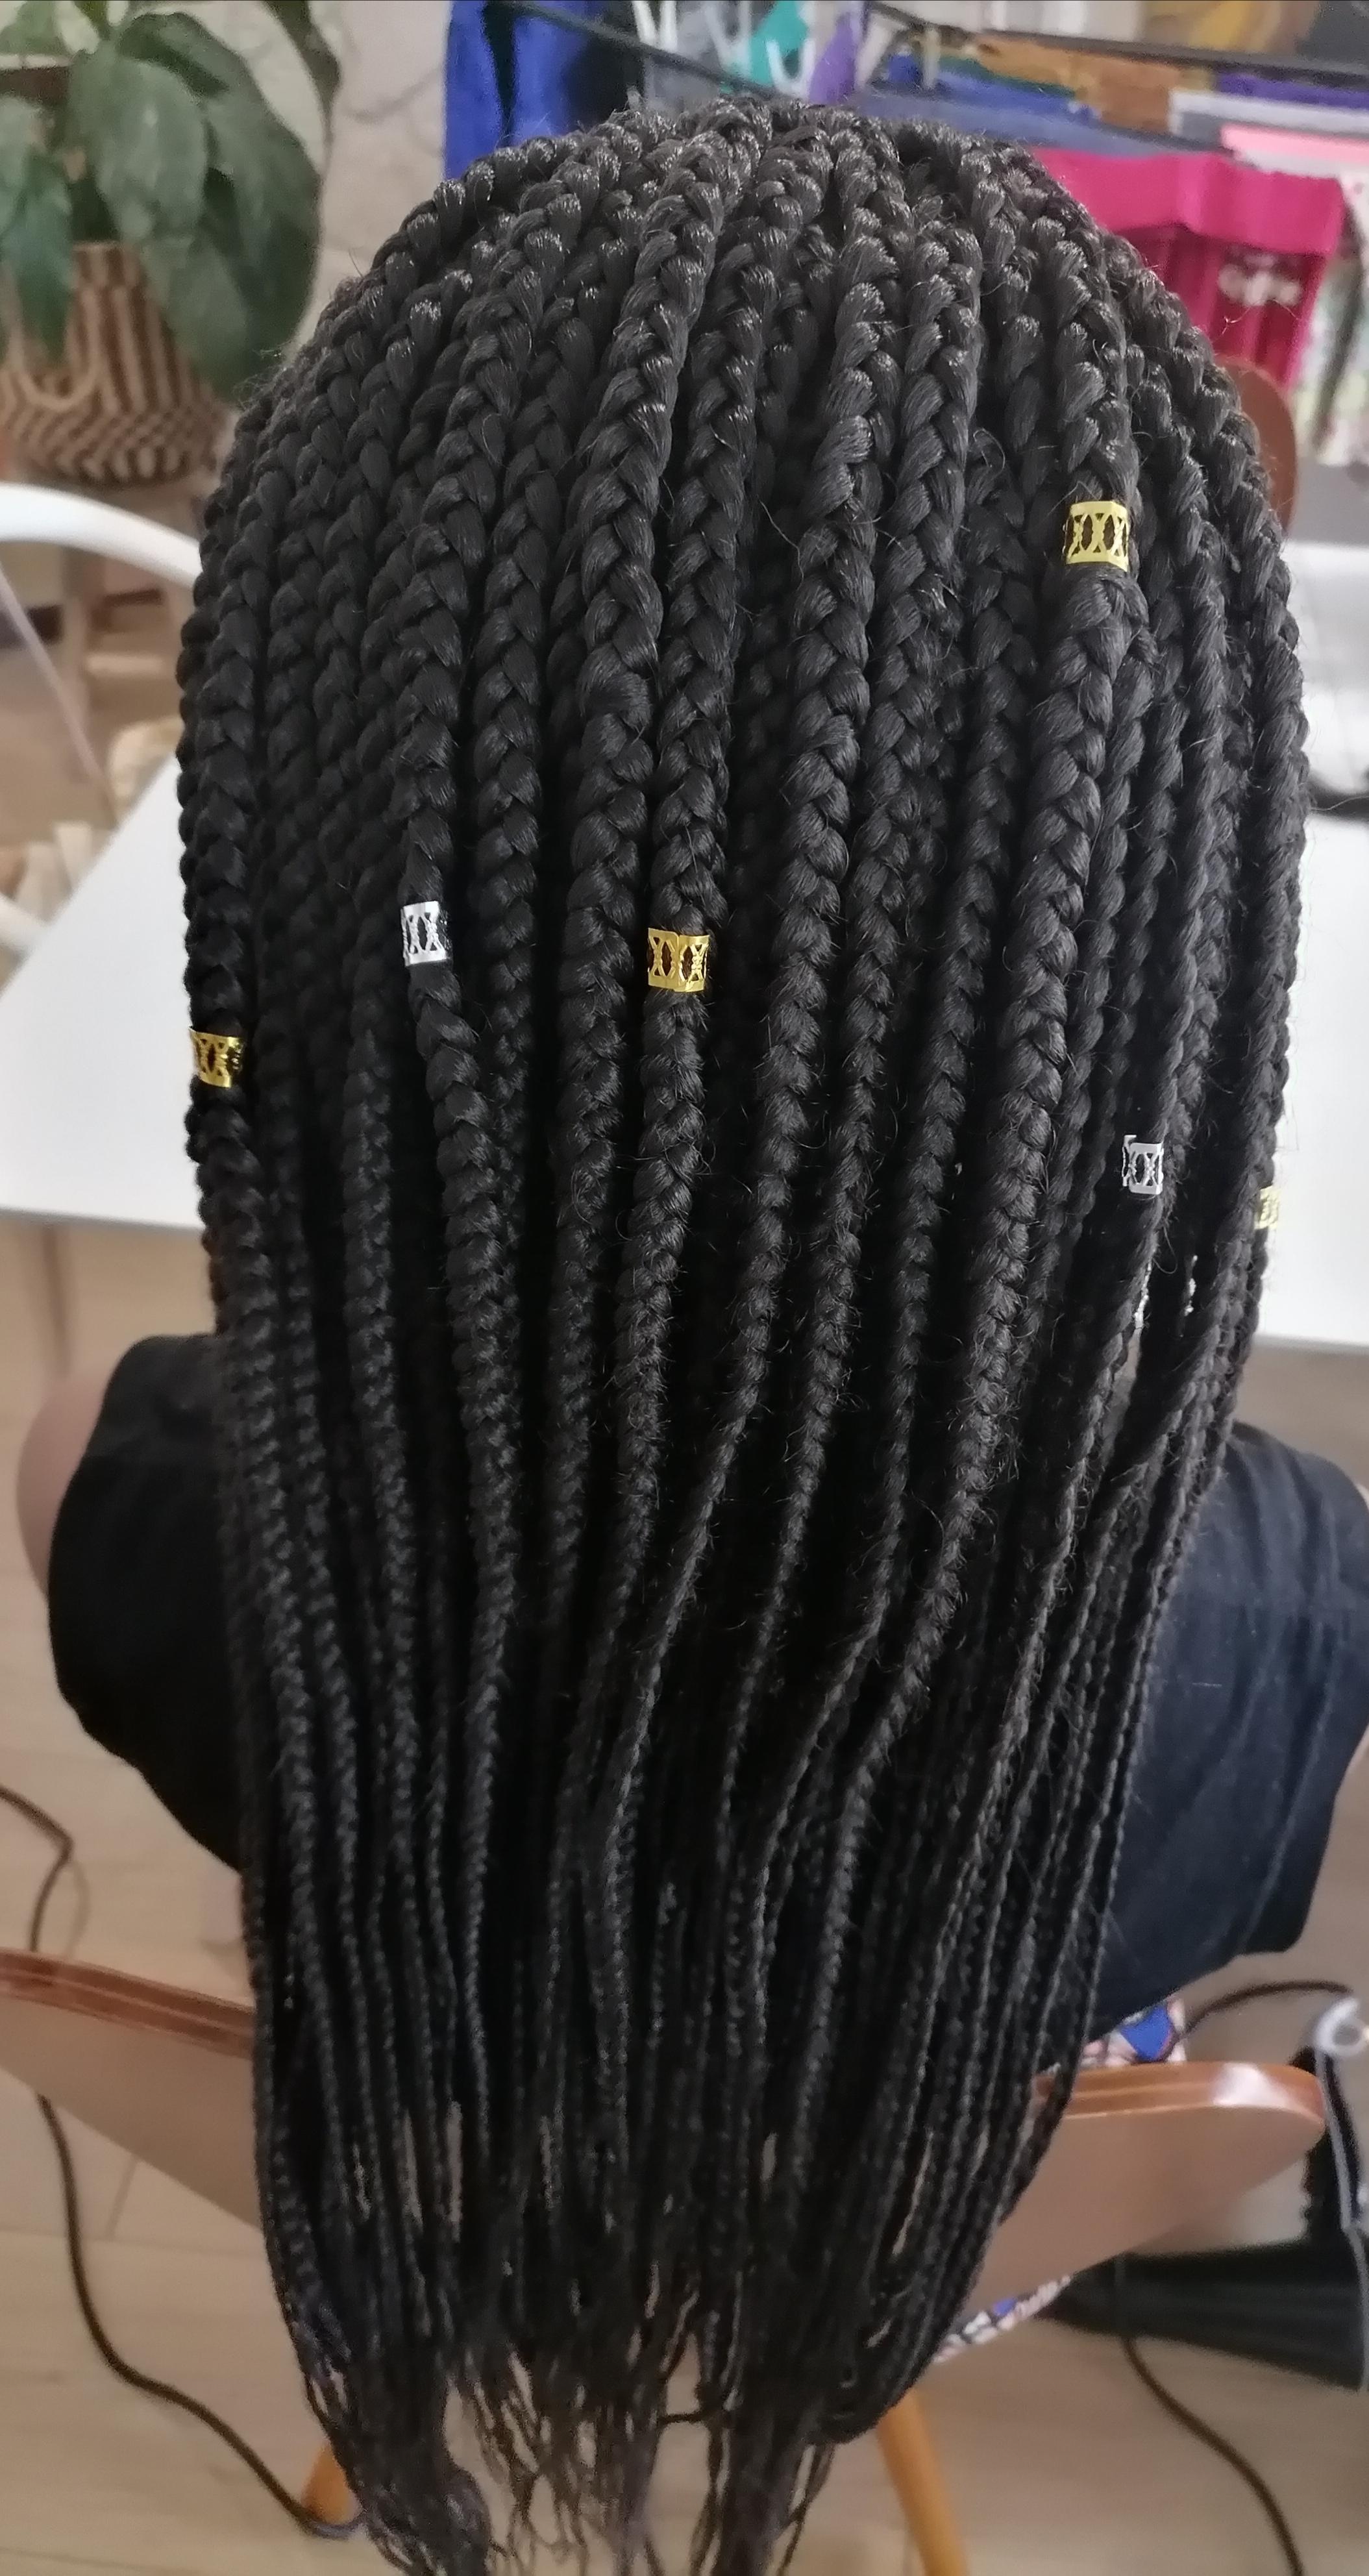 salon de coiffure afro tresse tresses box braids crochet braids vanilles tissages paris 75 77 78 91 92 93 94 95 LHXHVQPI